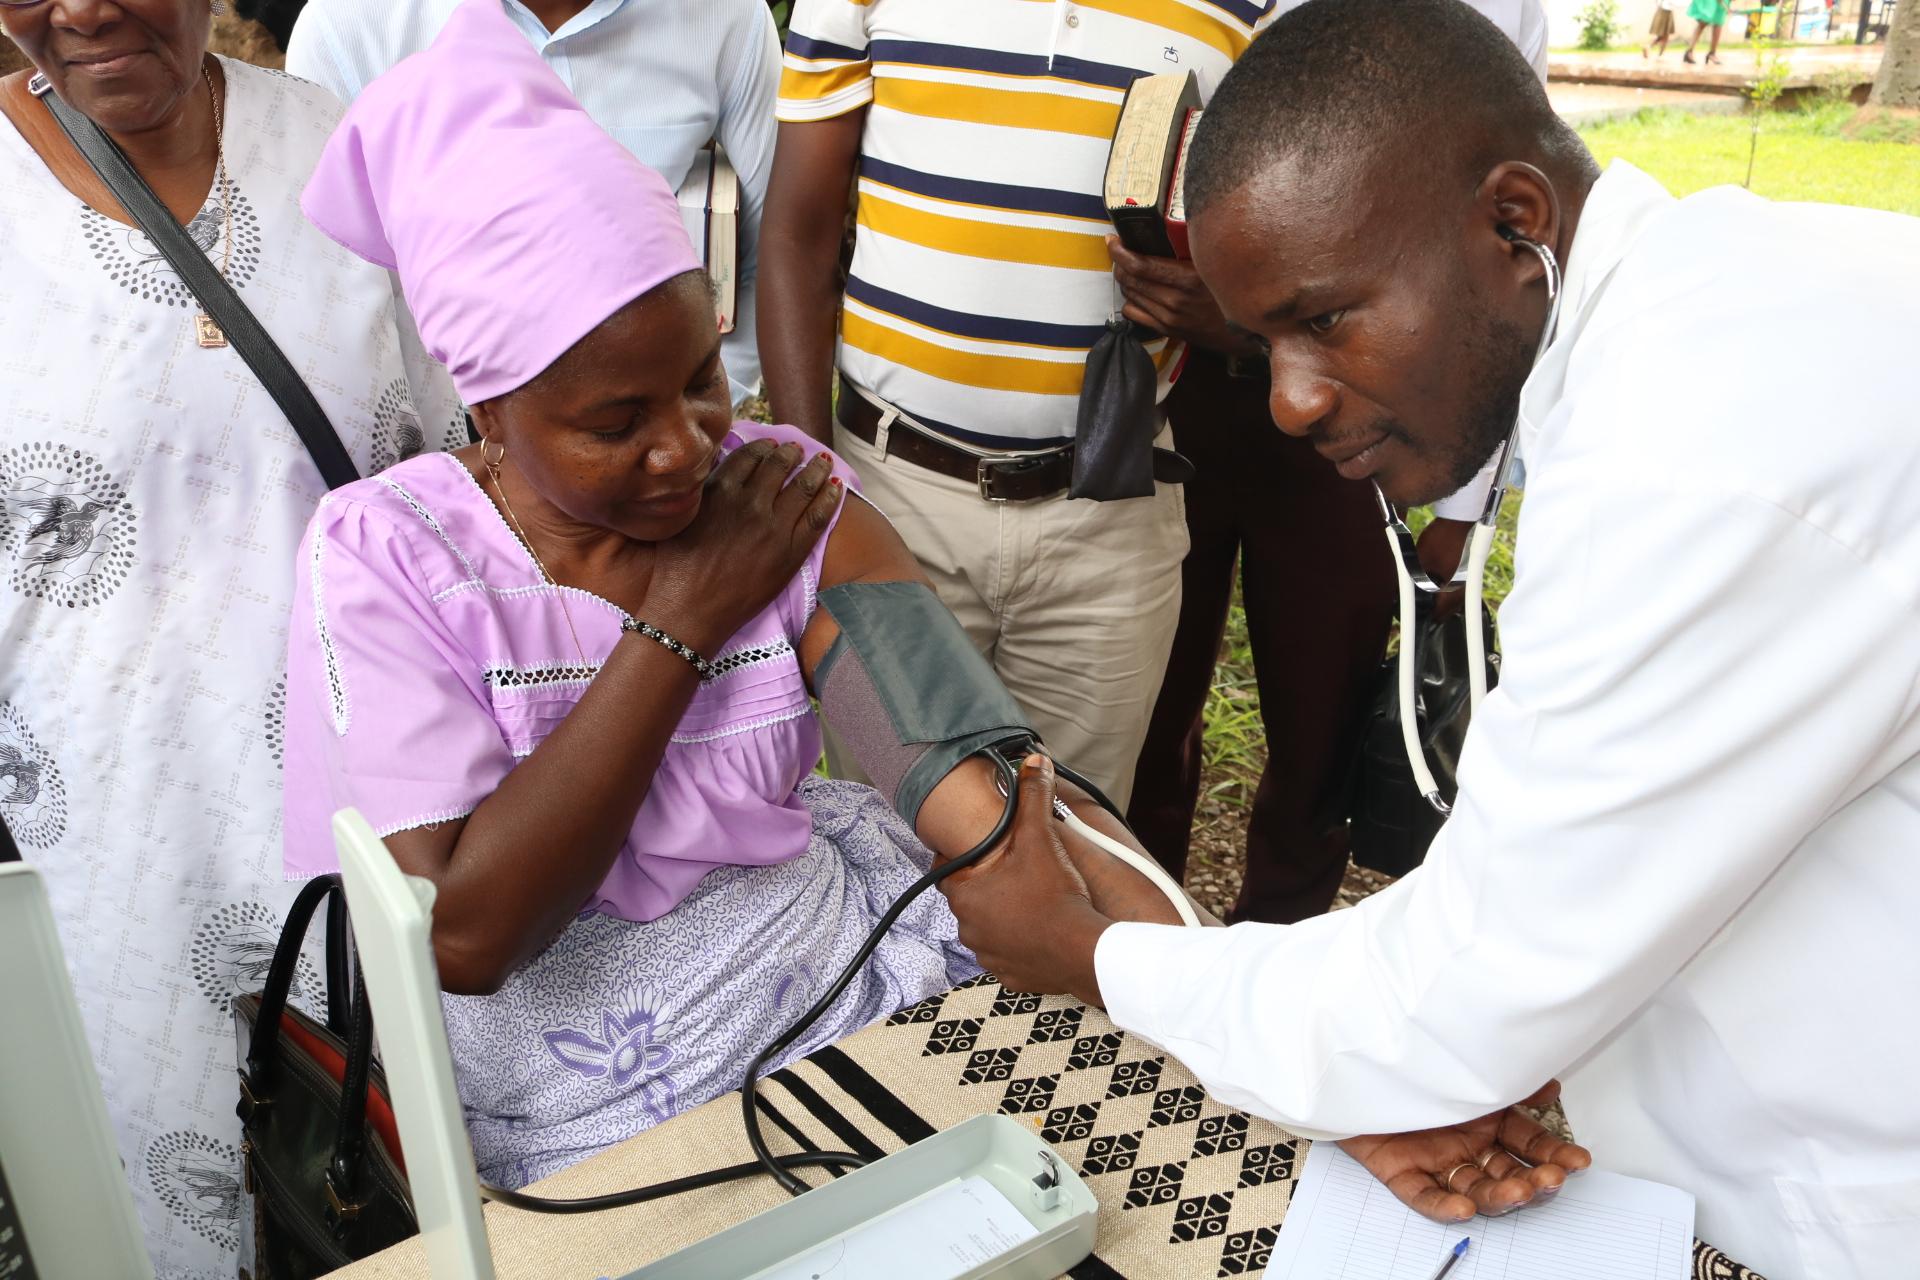 Dr. William Kawele medindo tensao do paciente Serfaina Muhongo. Photo por Nhanga Golcalves.